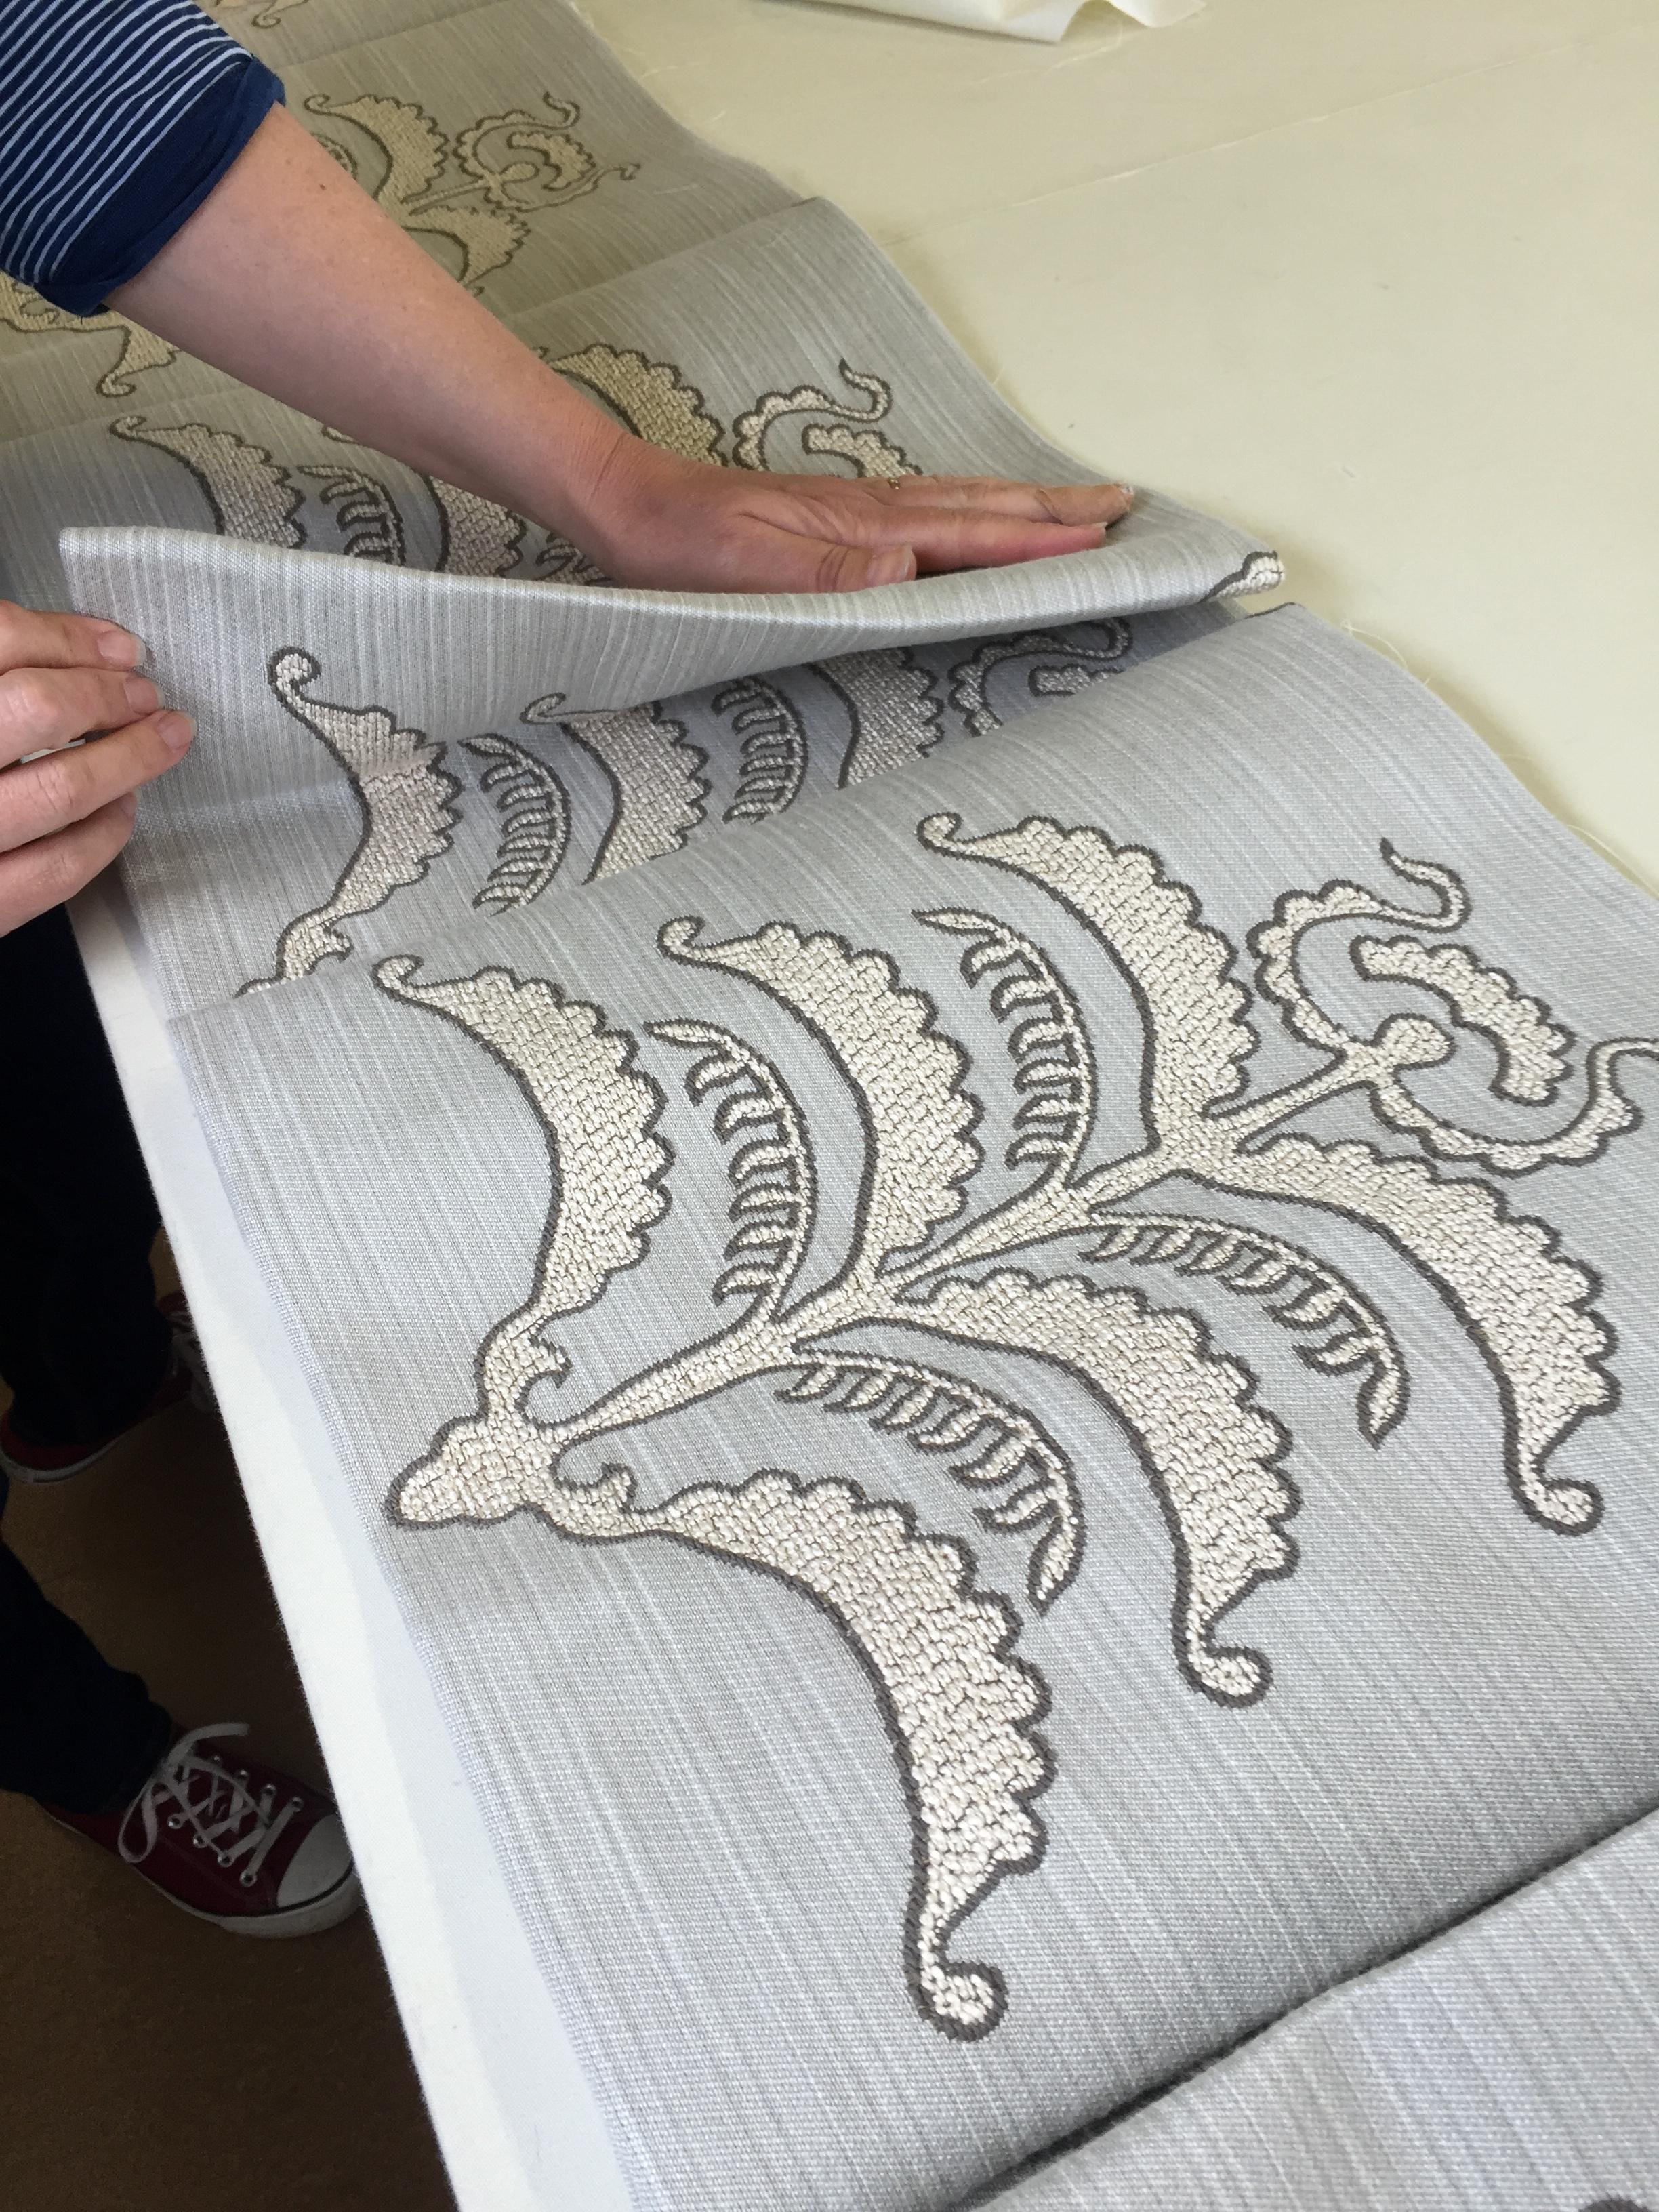 'Craftswomanship' in the workshop.